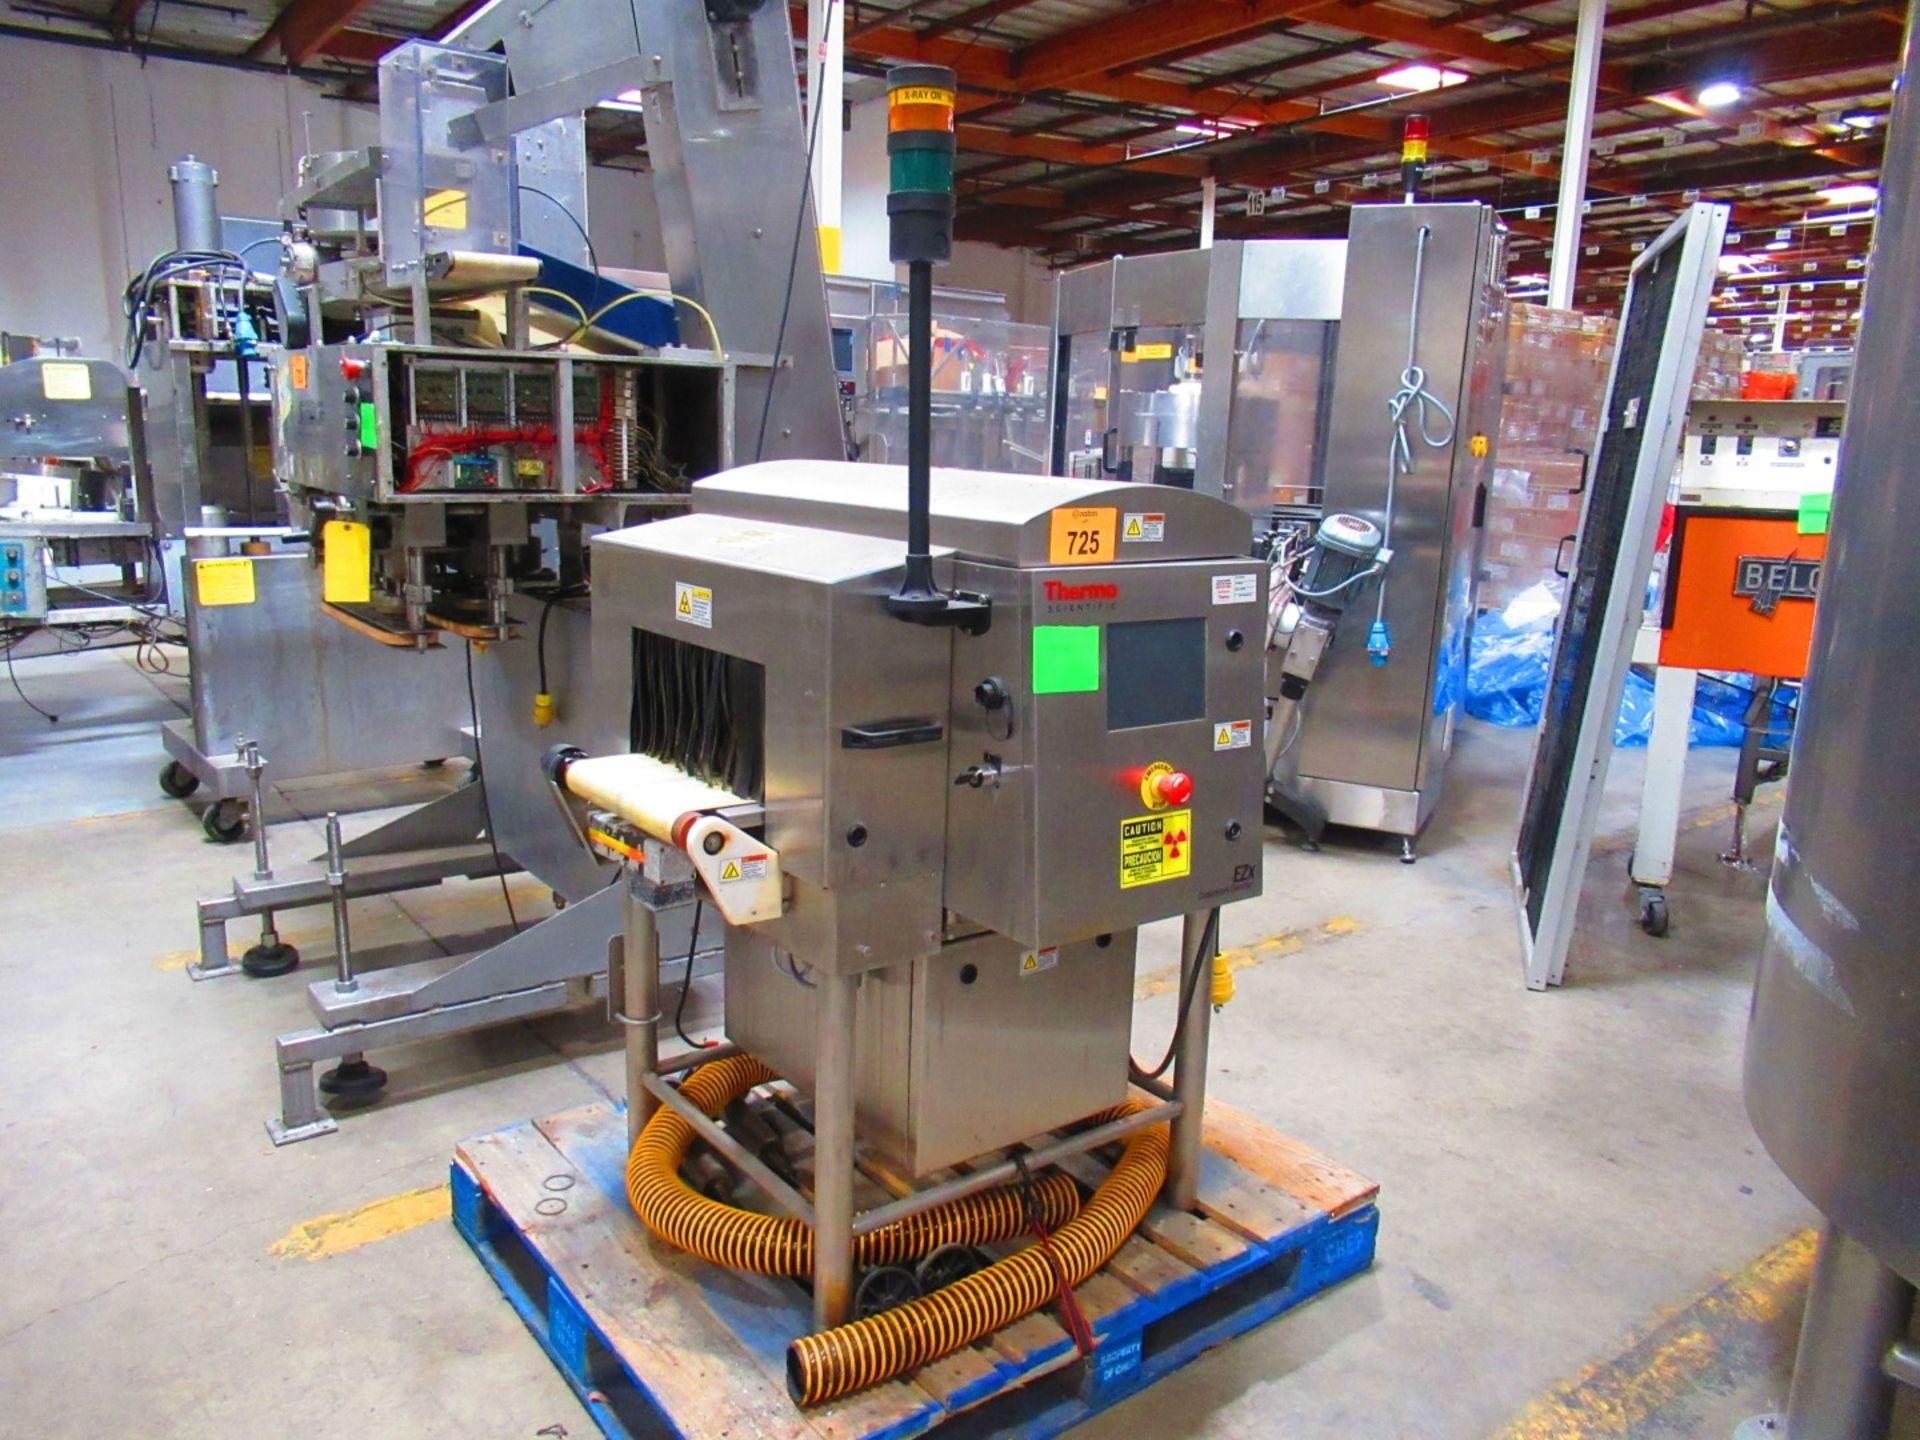 Metal Detector - Image 2 of 4